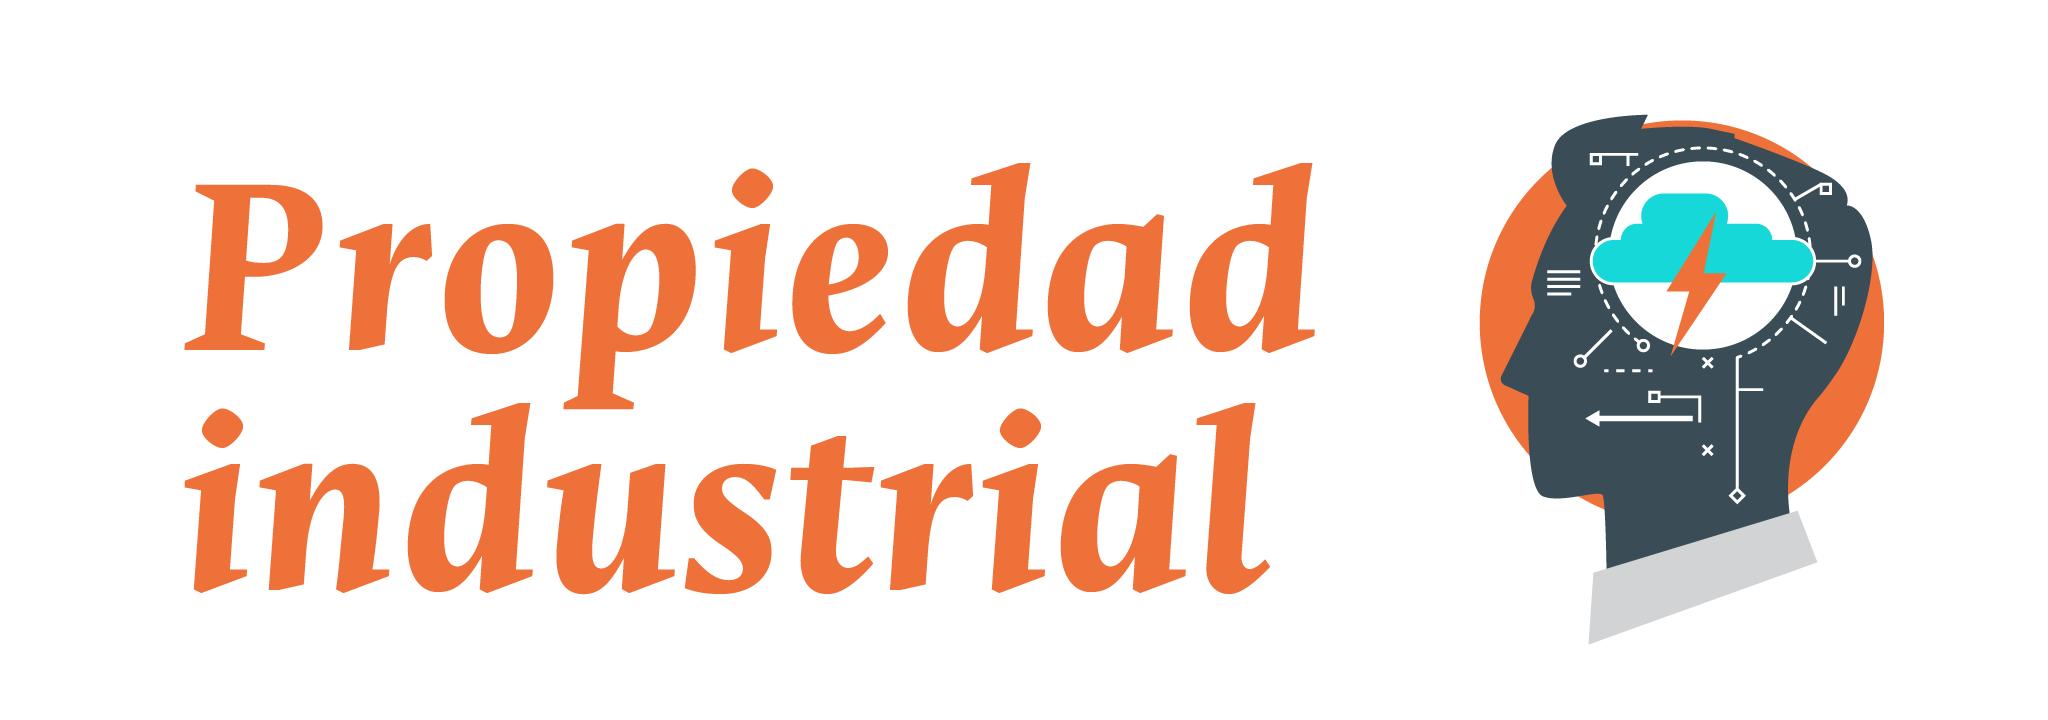 Propiedad industrial